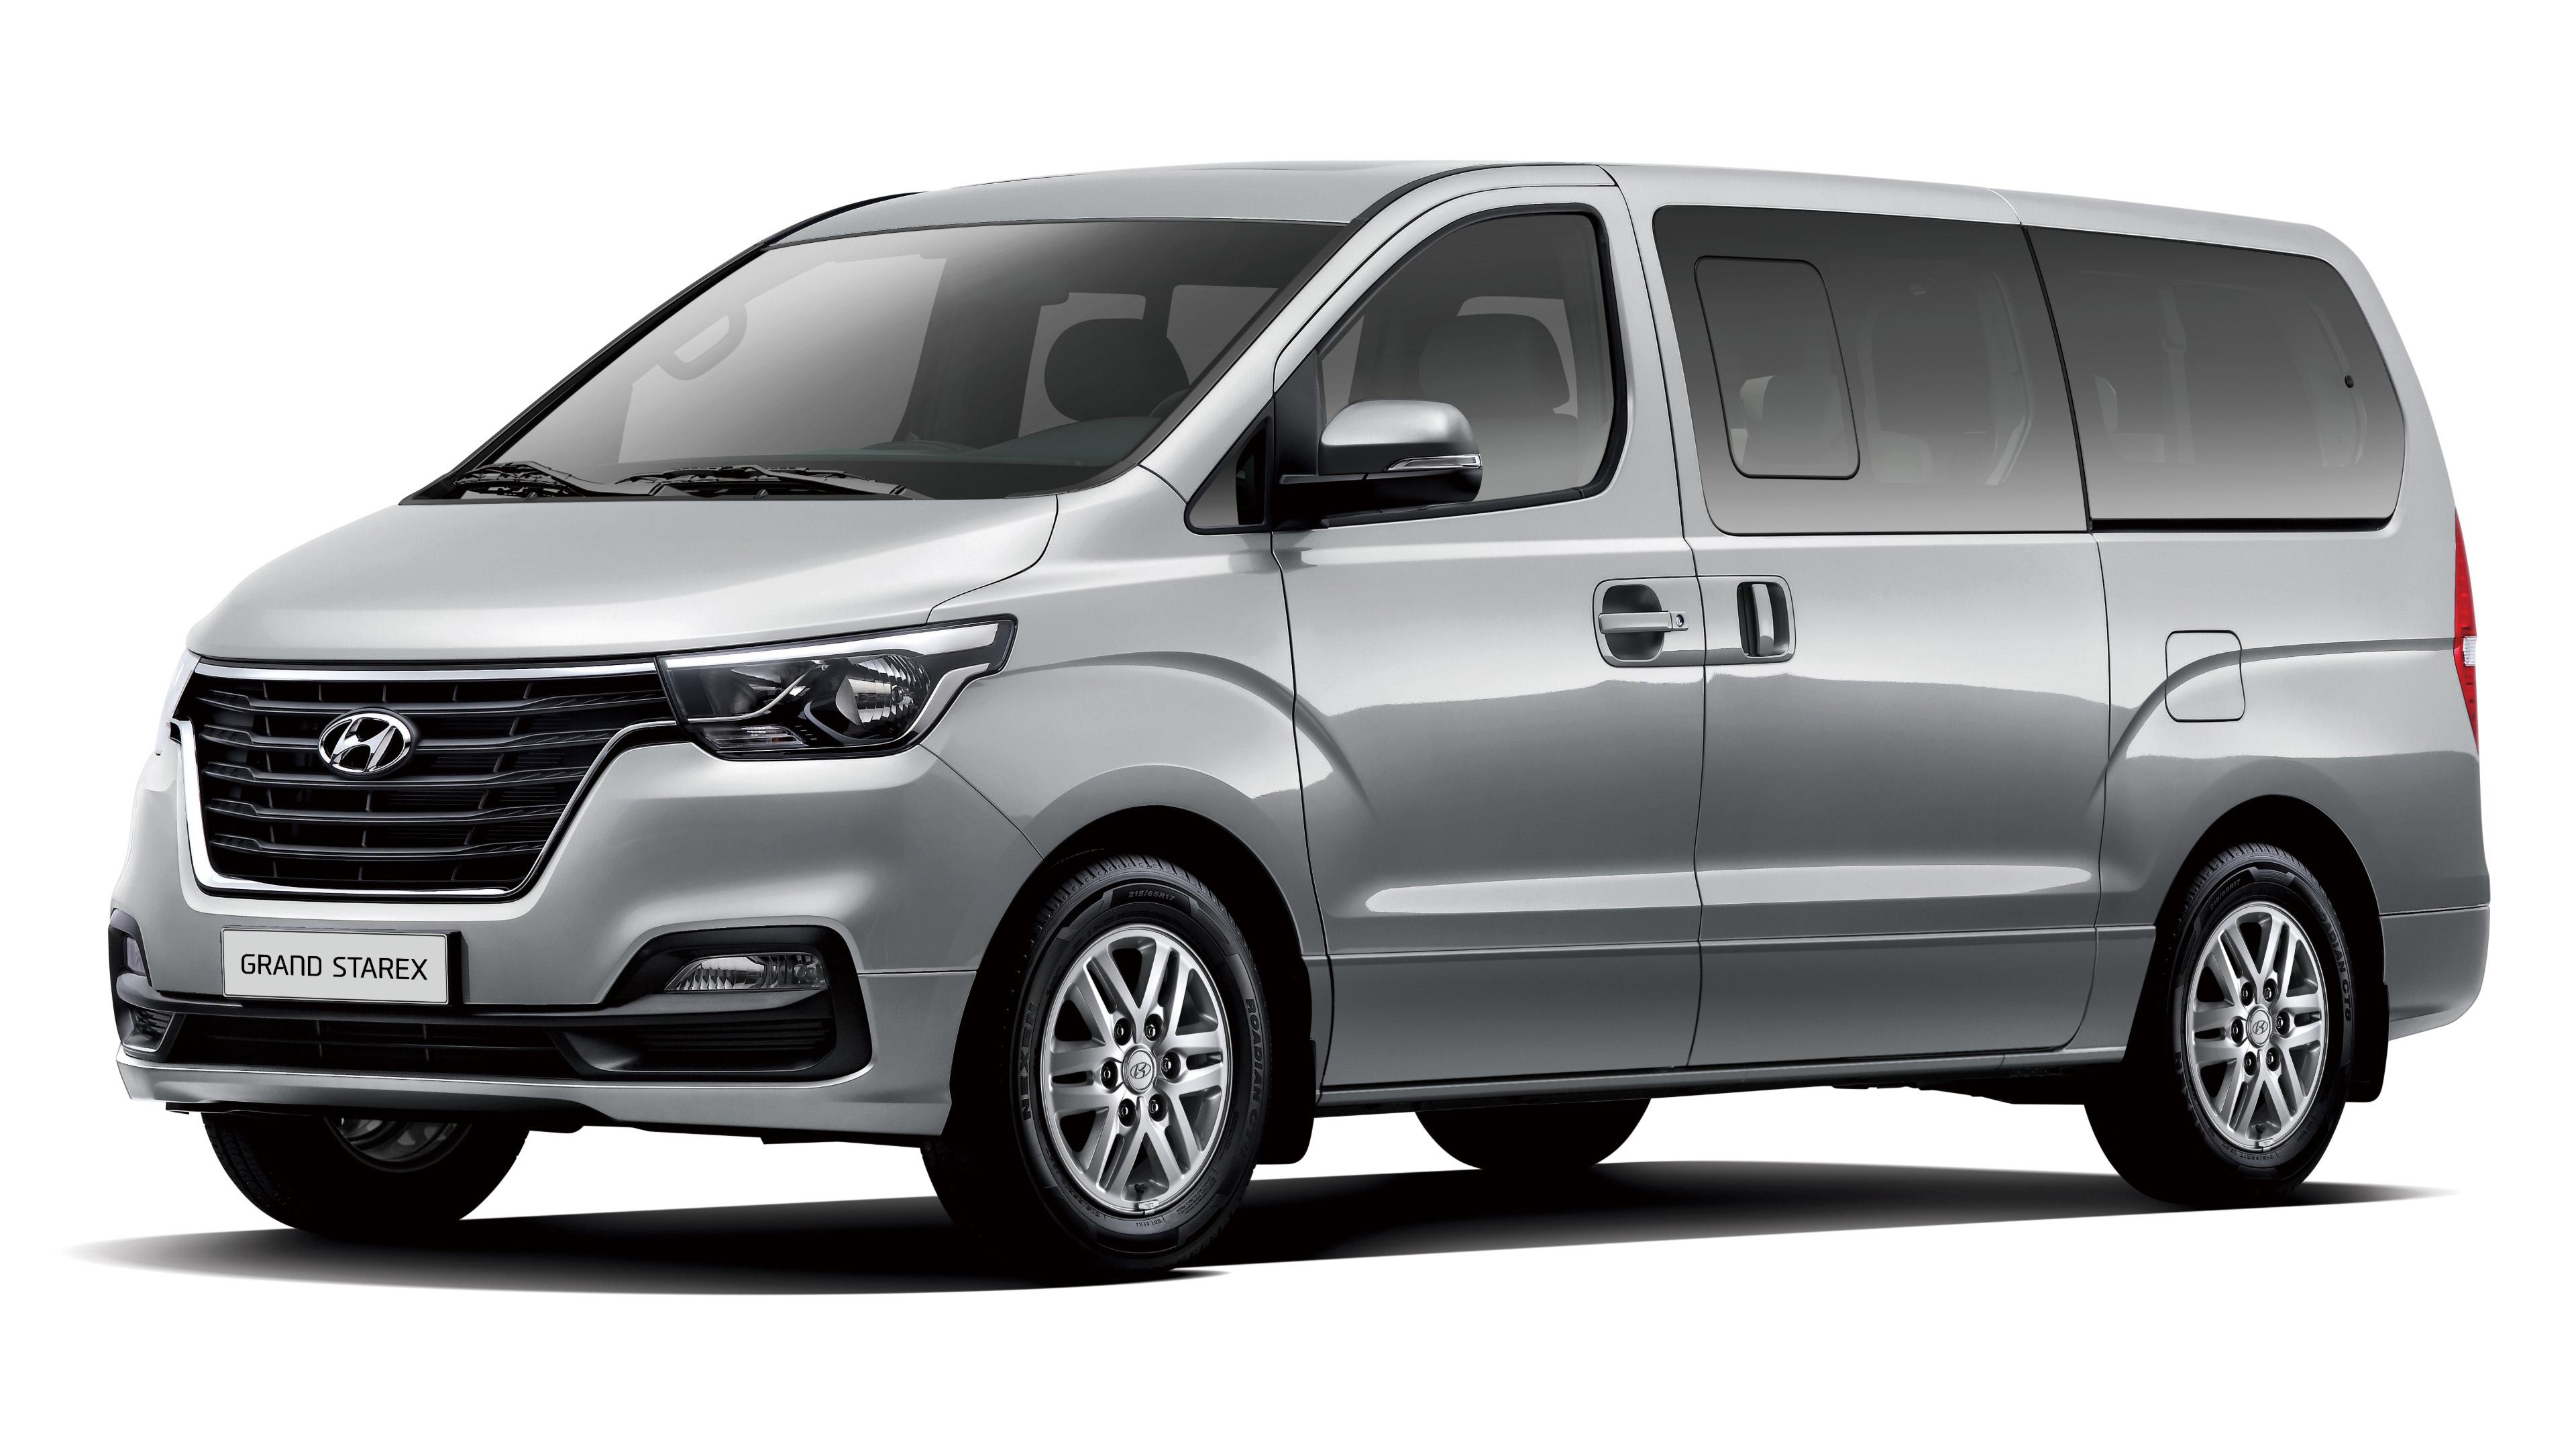 Hyundai Grand Starex 搭補助 134.8 萬元起 本月加贈 5 萬公里免費定保